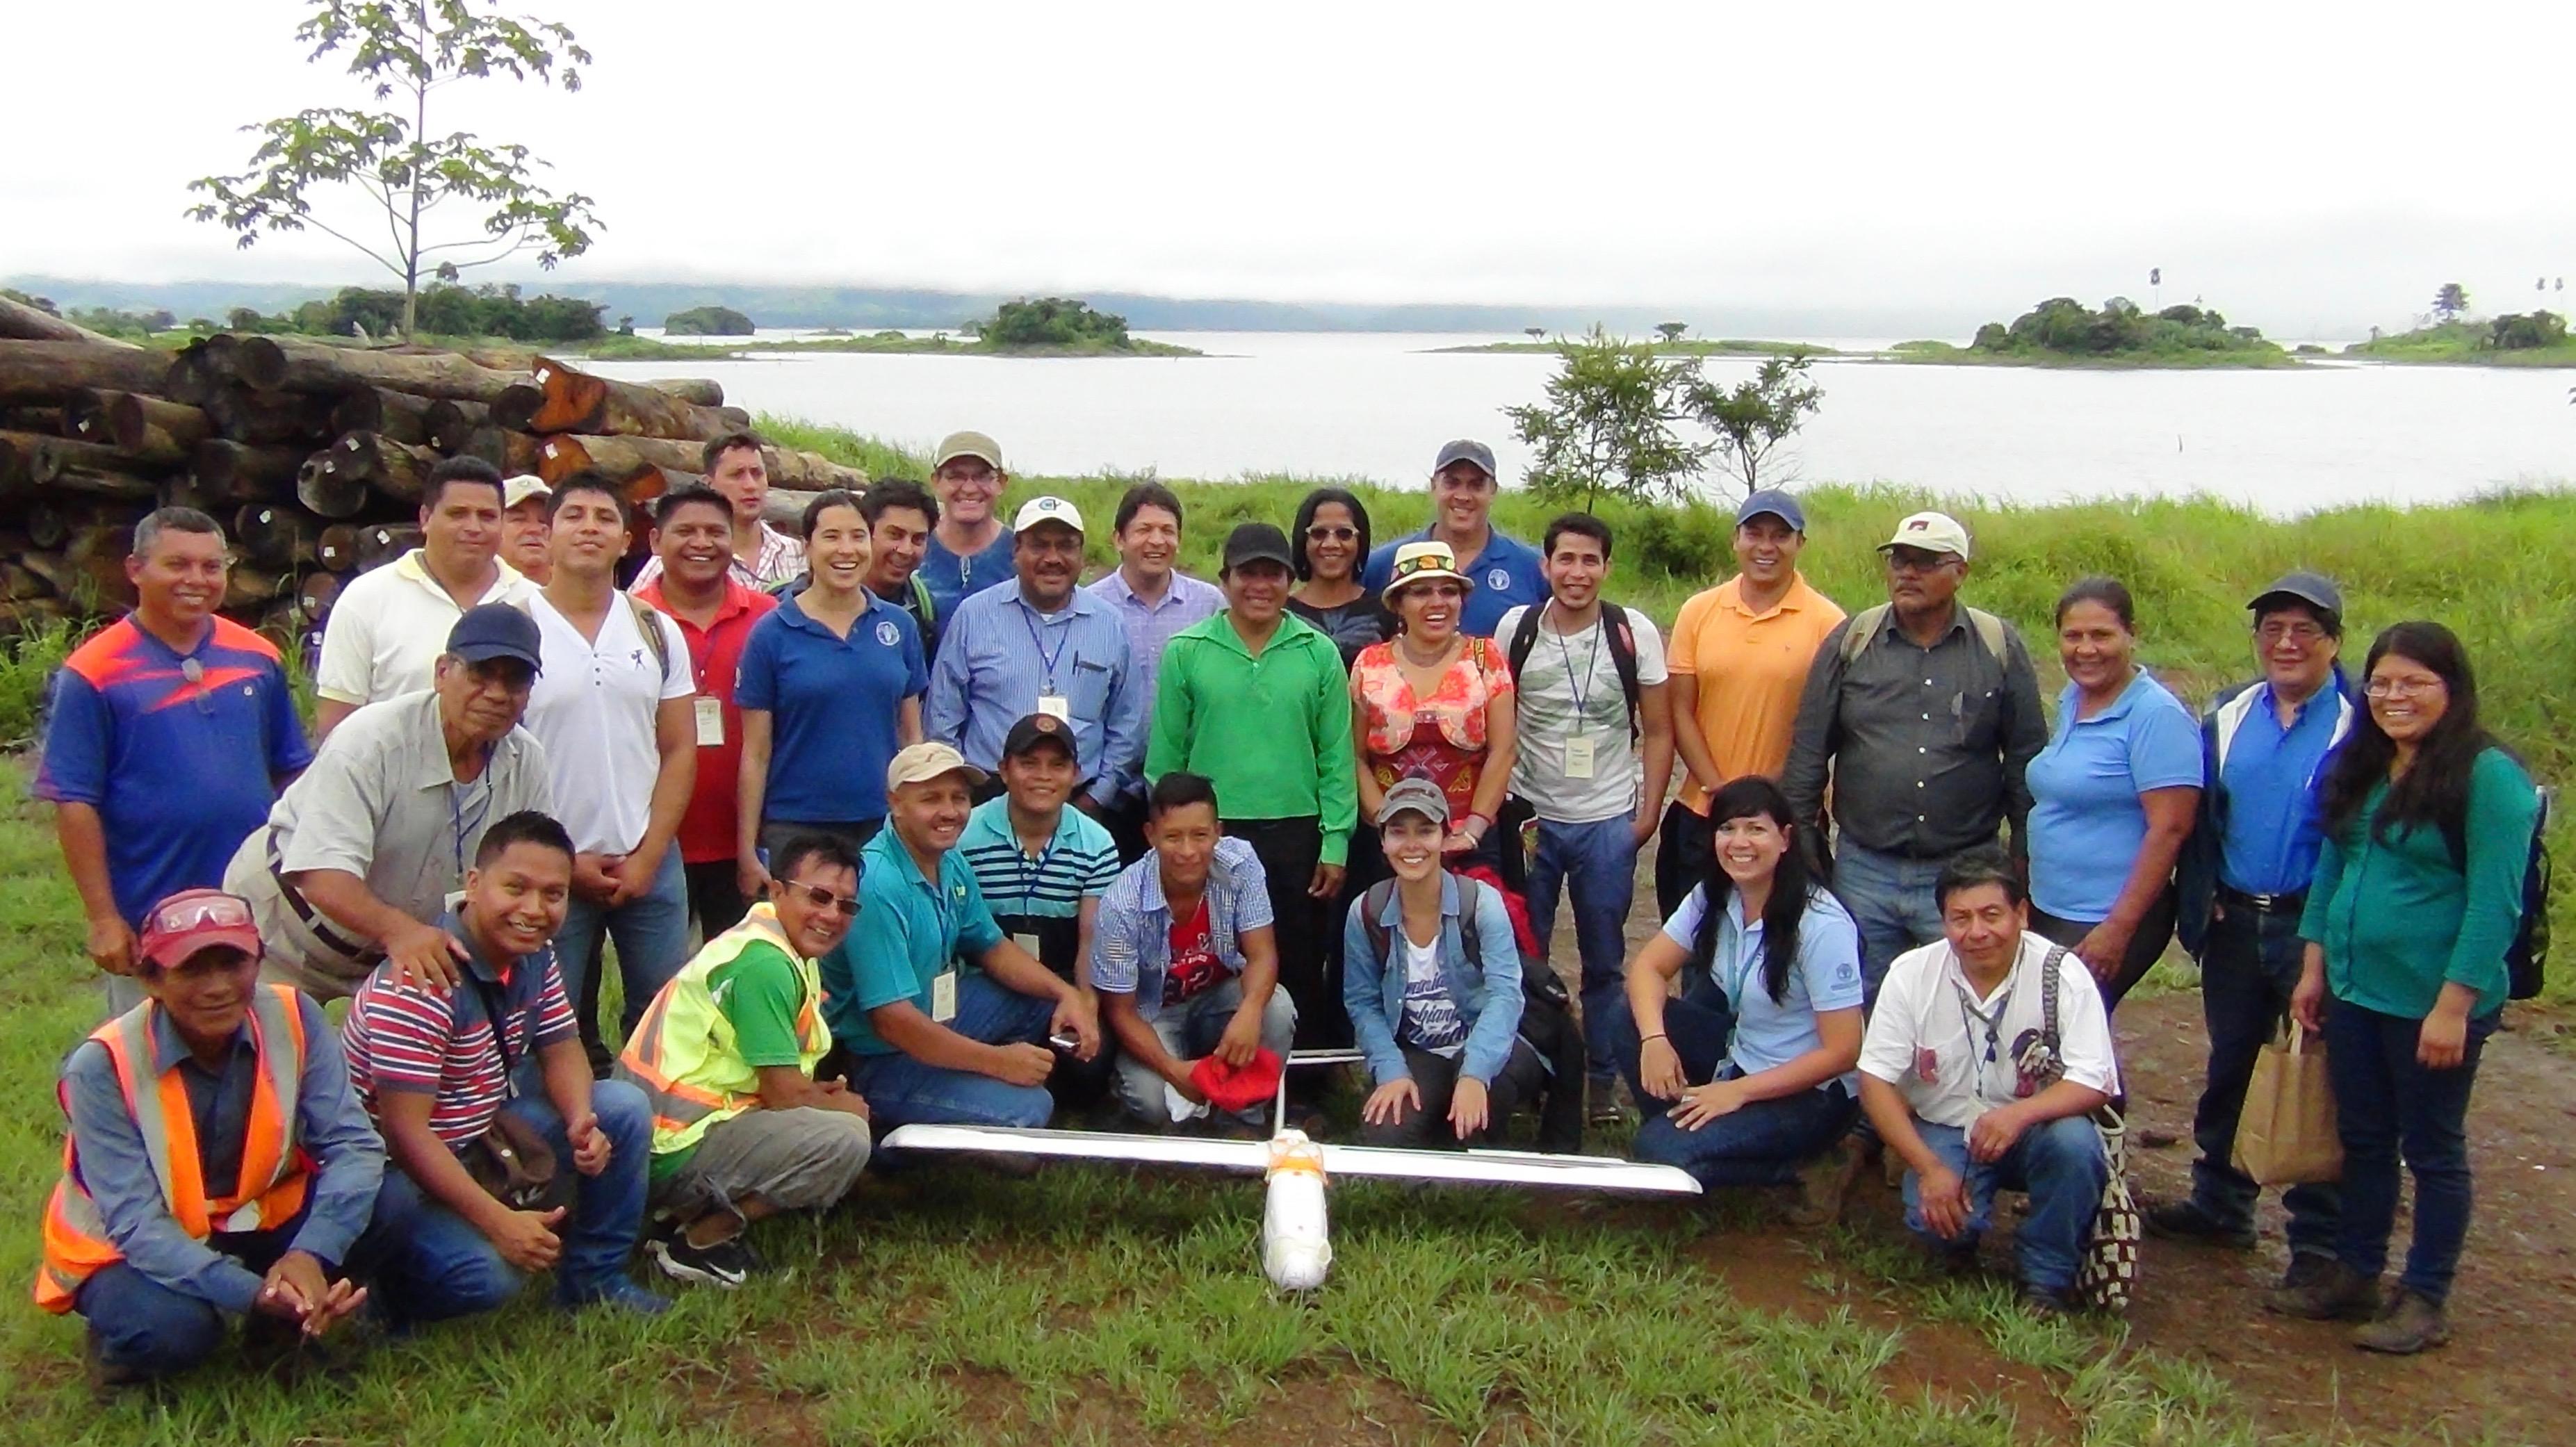 Qu beneficios aporta el monitoreo comunitario a la for Proyecto de comedor comunitario